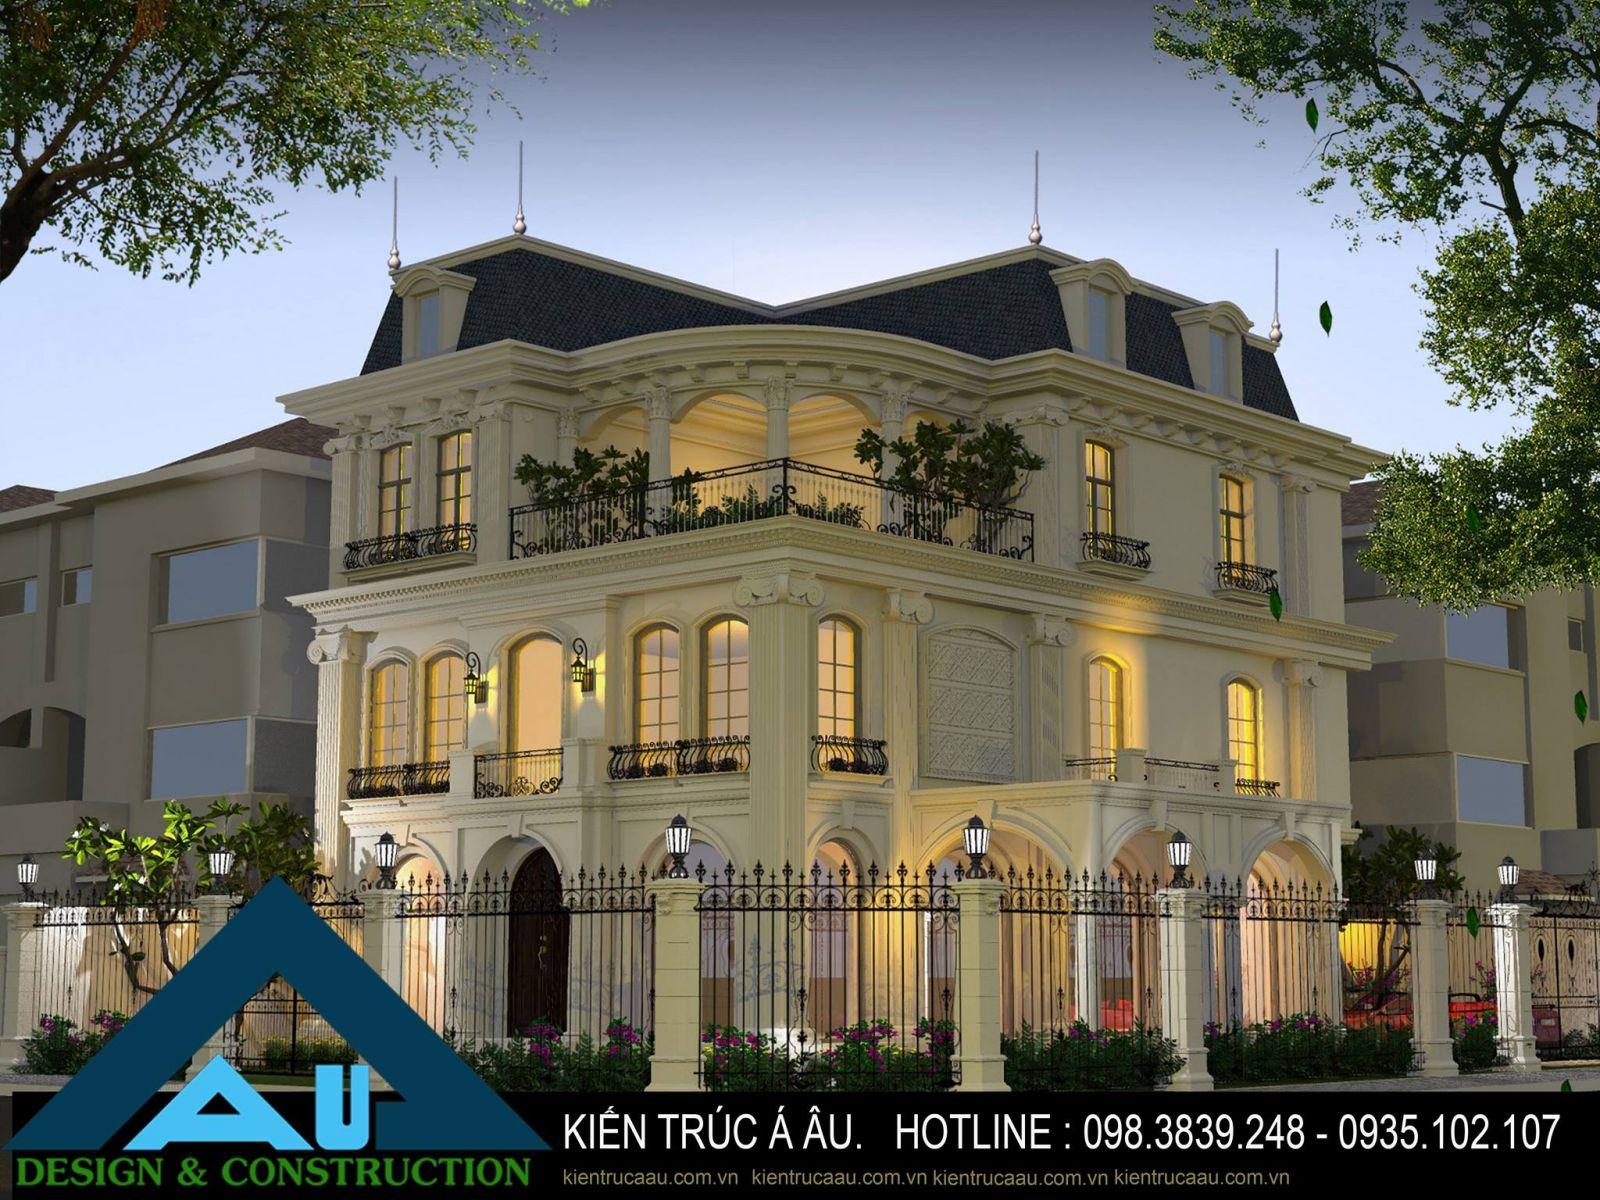 Thiết kế biệt thự tại Đà Nẵng sang trọng tinh tế đẳng cấp